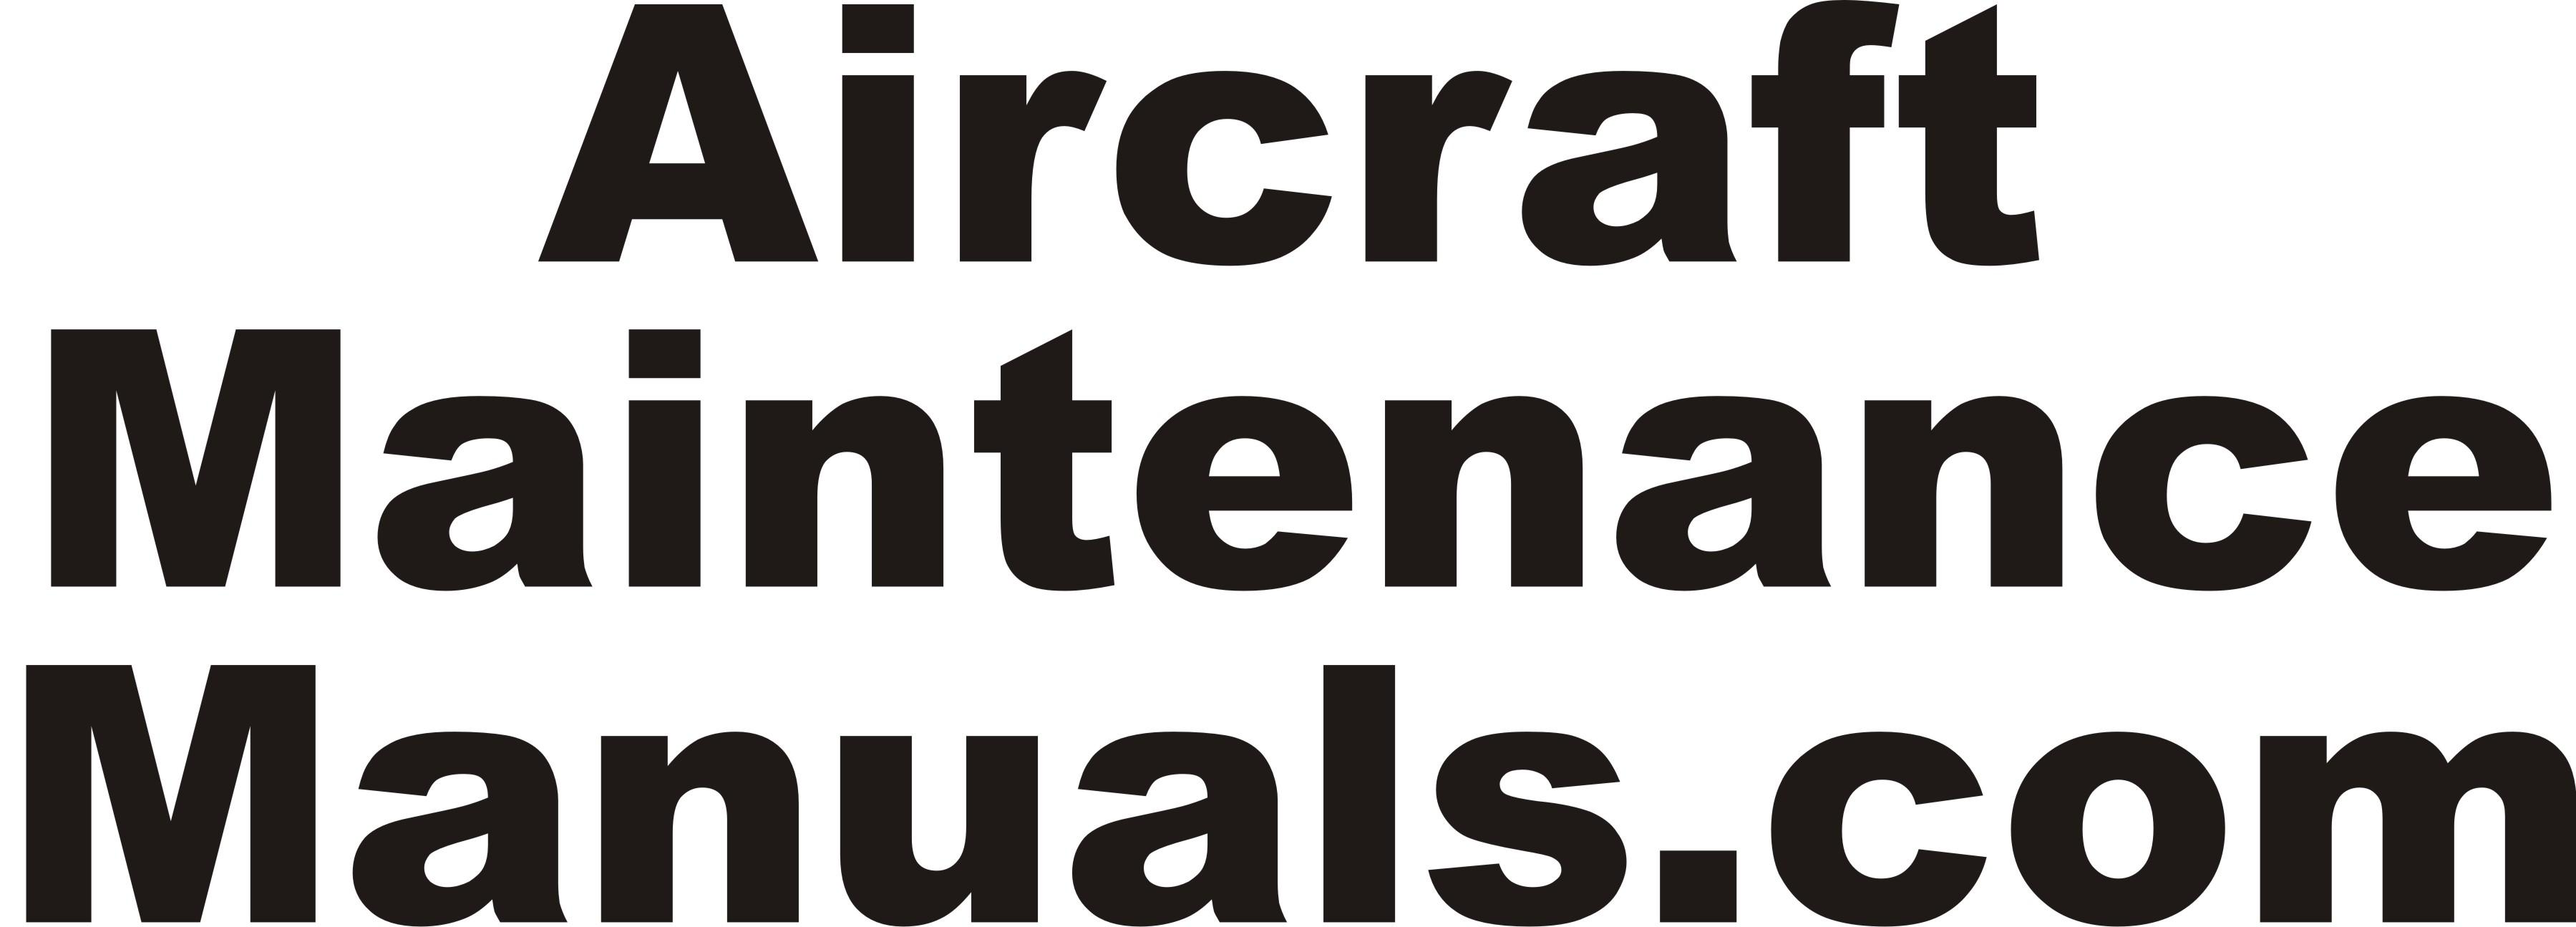 1994 rexhall aerbus owners manual pdf